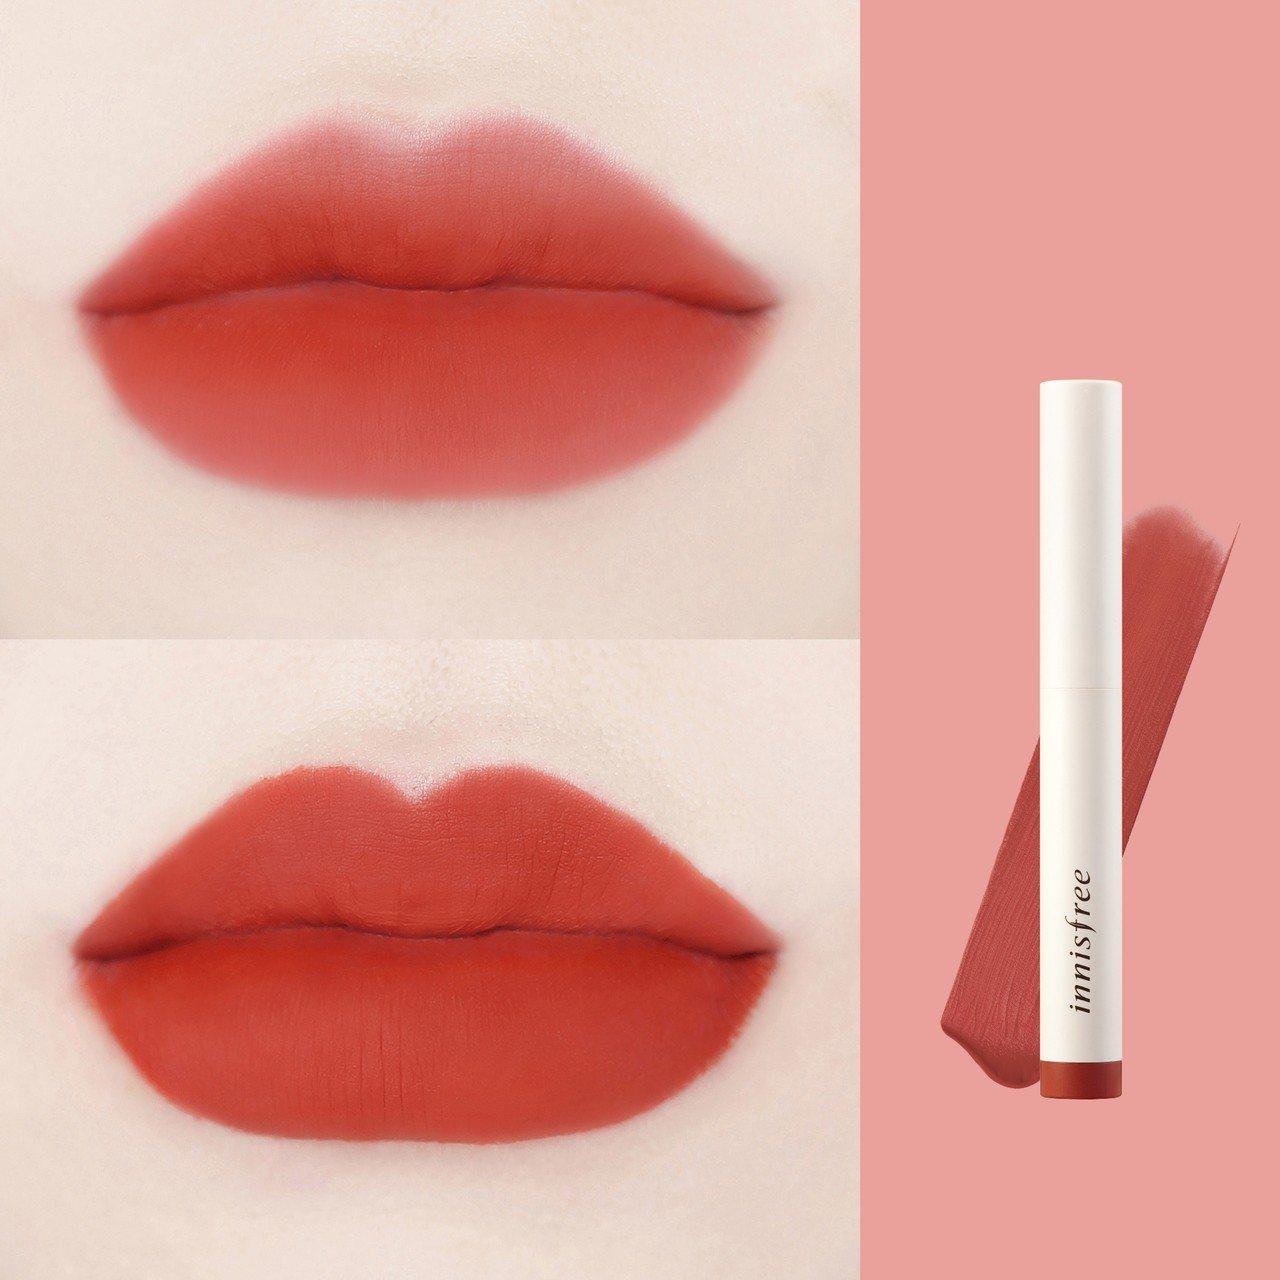 润娥的玫瑰紫罗兰妆容让秋天散发甜美仙气